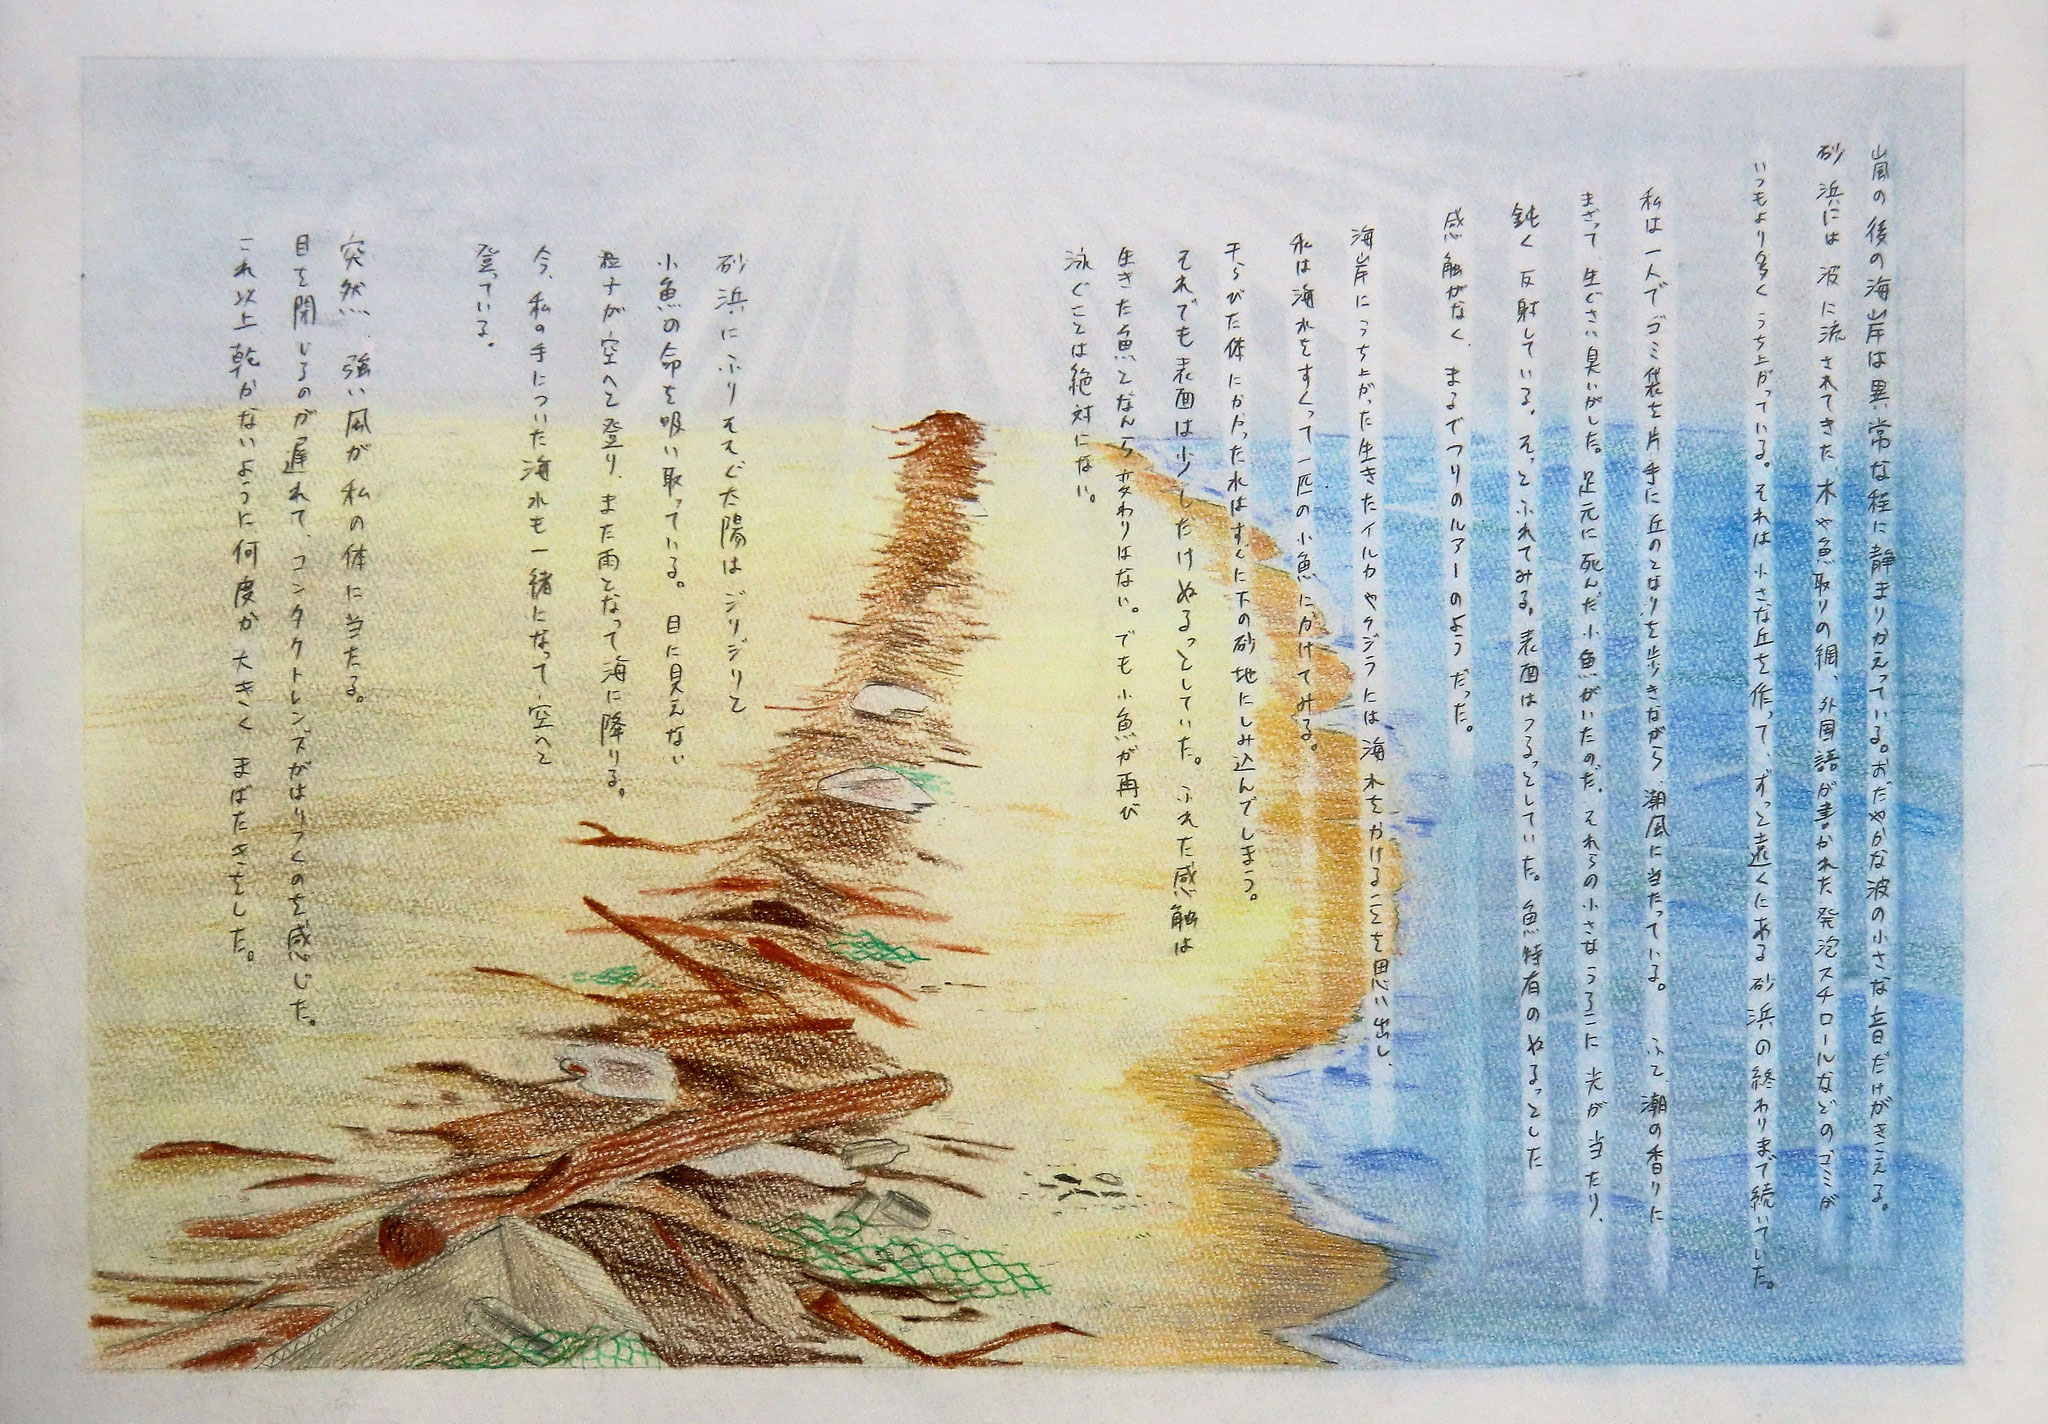 生徒作品122  「乾いている」から想起する場所のイメージ、あるいは出来事のイメージを絵と文章で表現 B3判 画用紙【映像系:武蔵野美大合格】